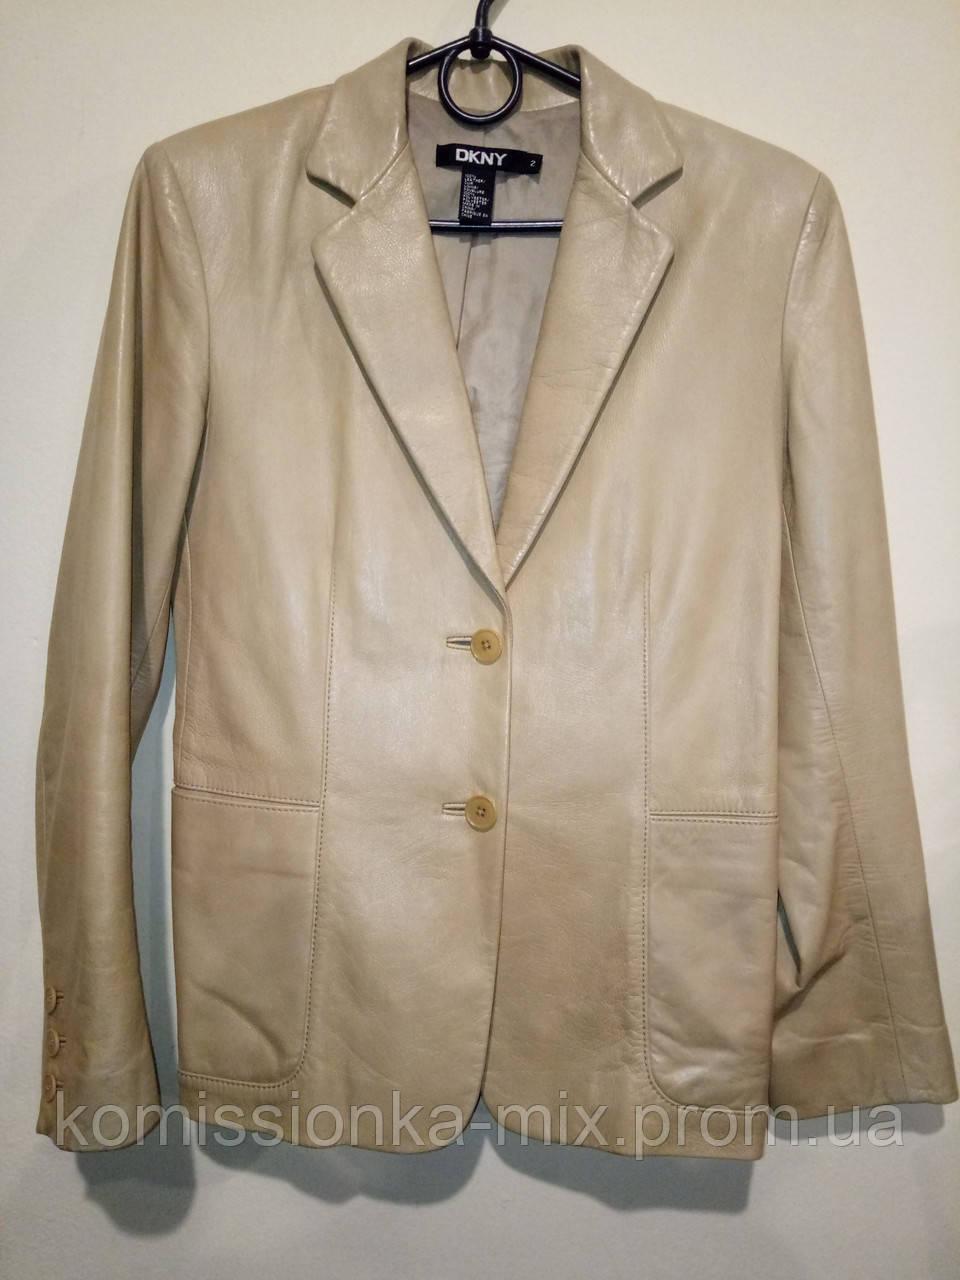 Пиджак кожаный DKNY  42 р.